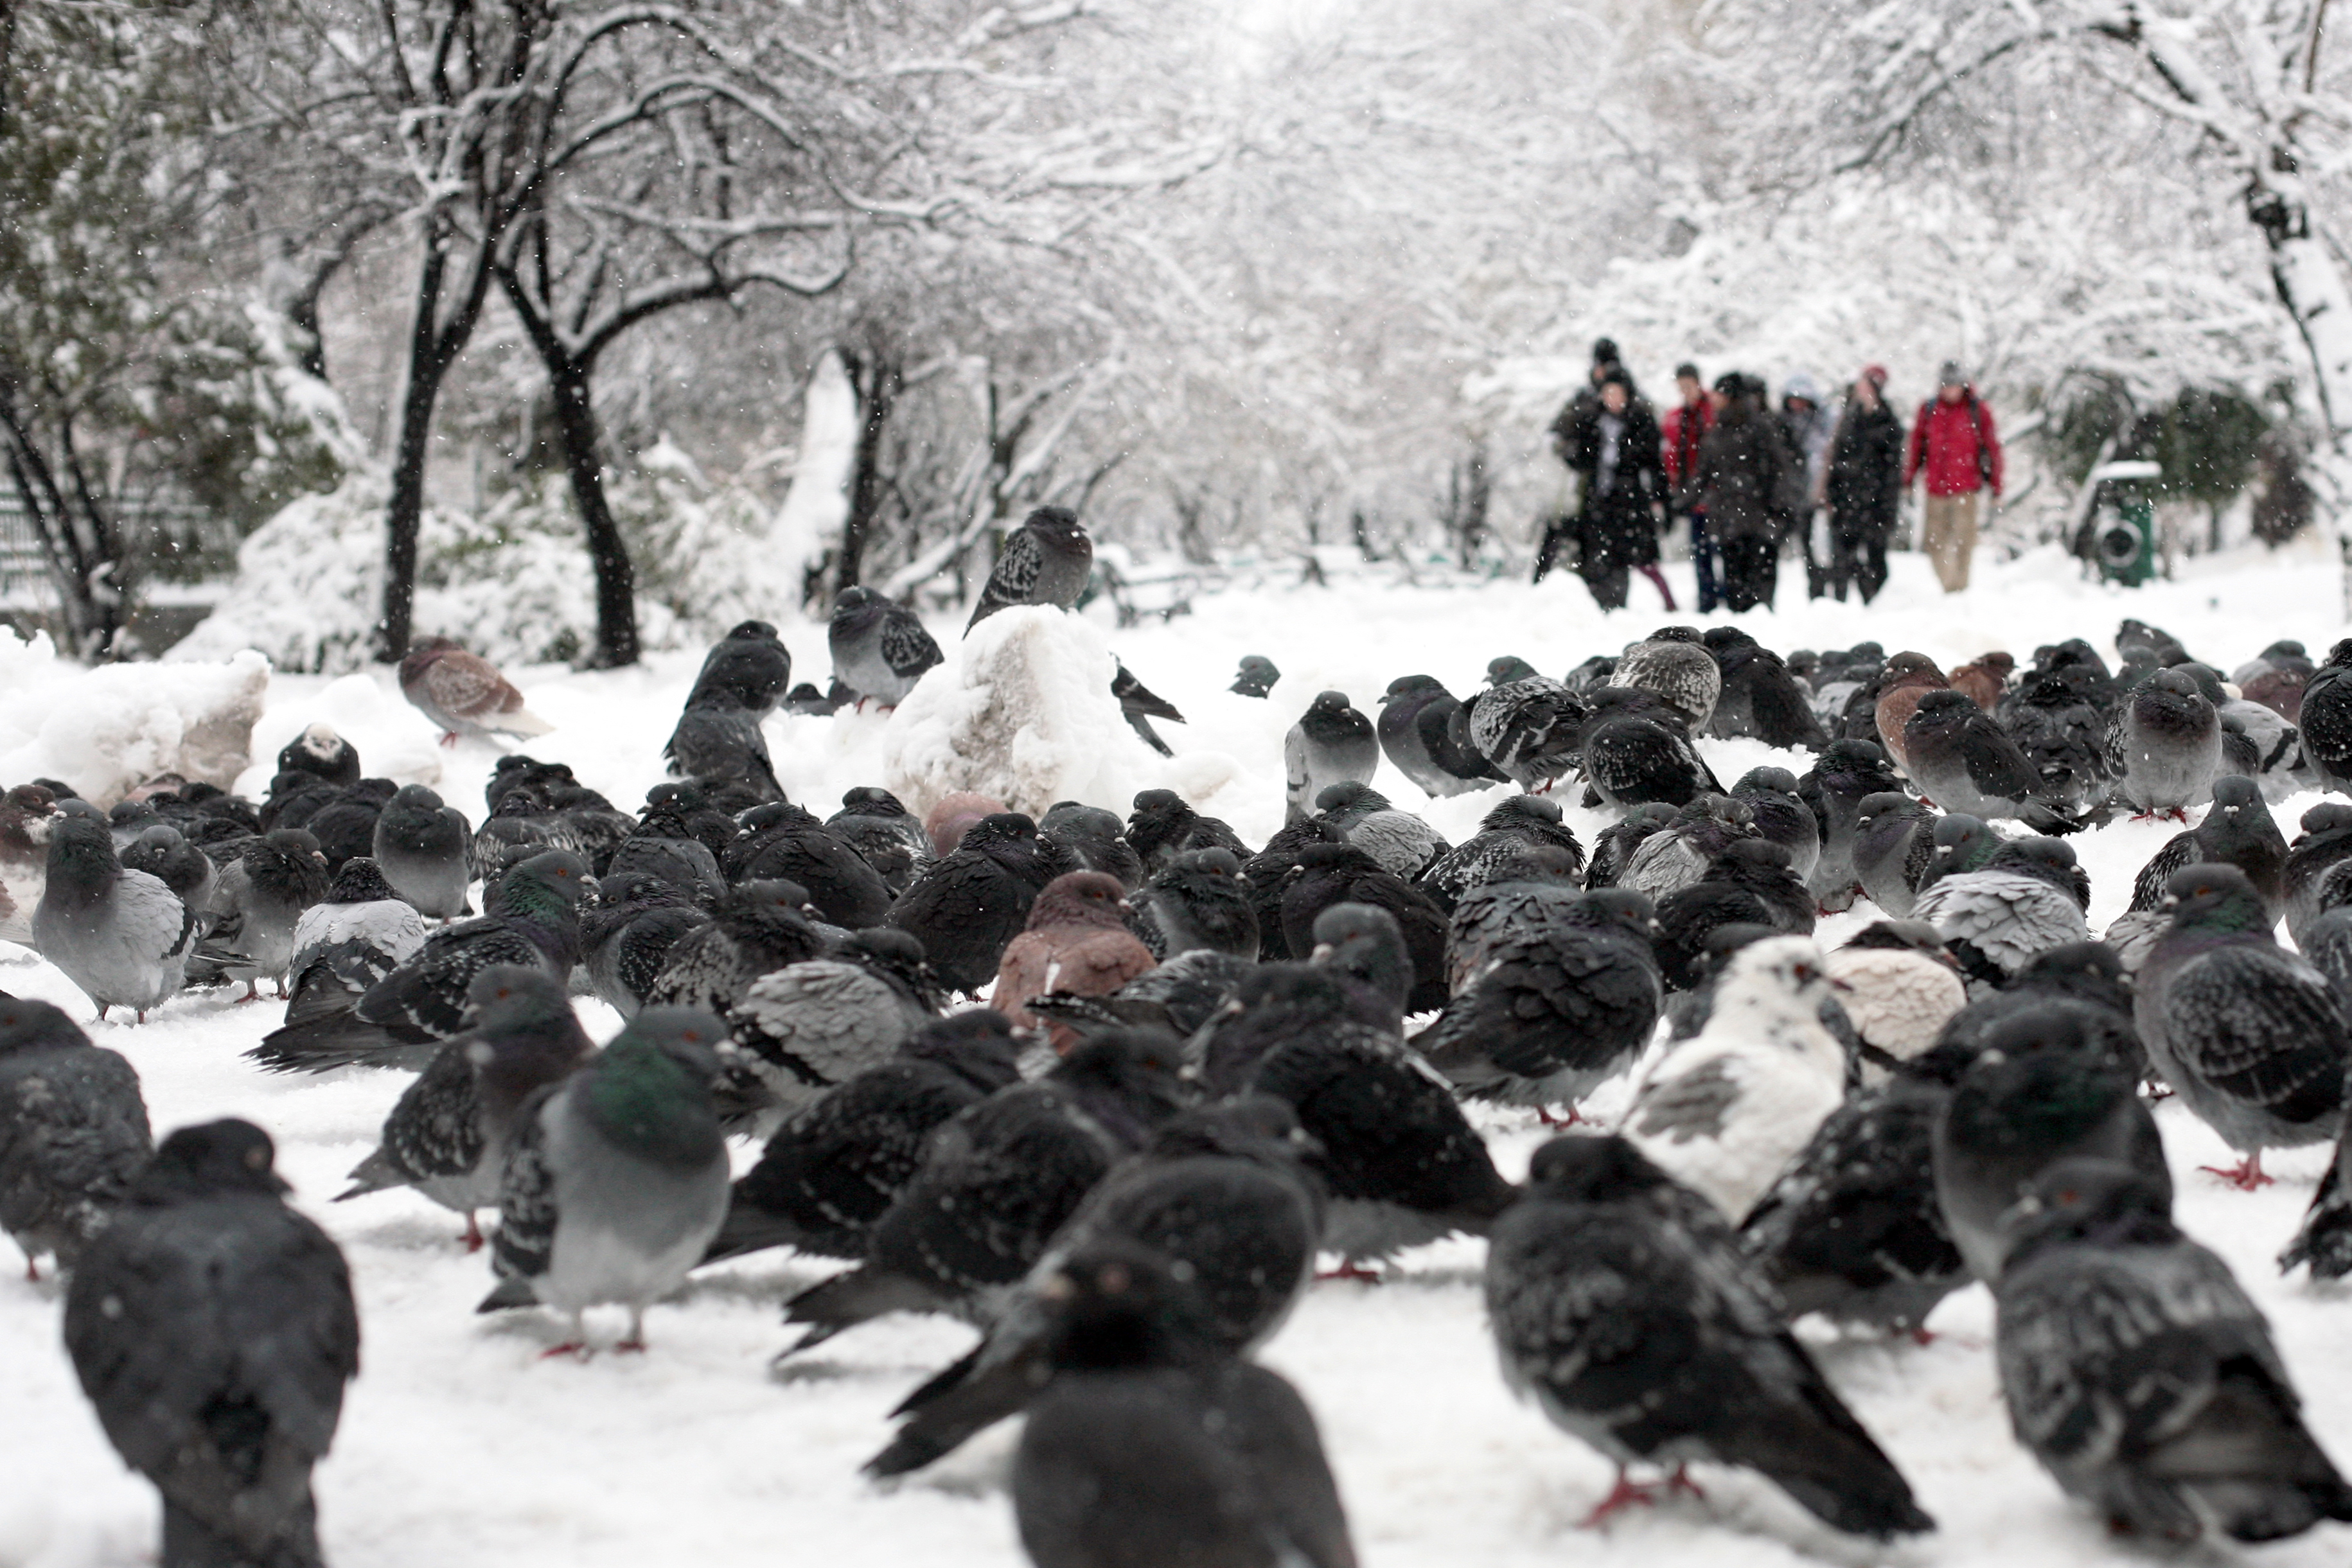 Trafic blocat, haos si masini distruse. Cum arata Capitala, dupa 22 de ore de ninsoare neintrerupta